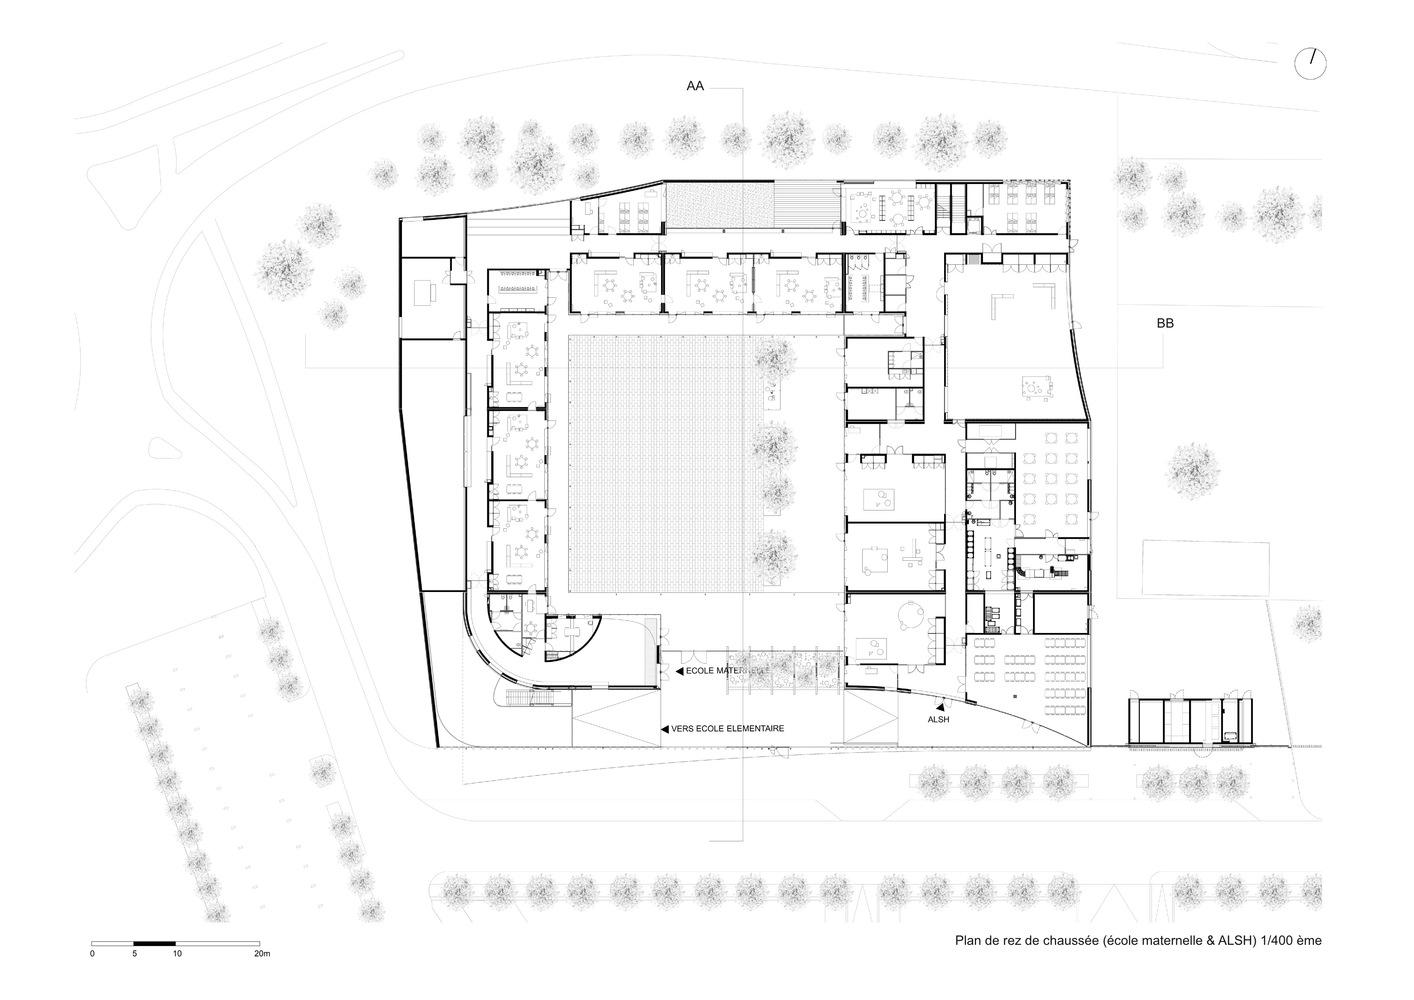 Groupe Scolaire De La Pomme De Pin,Ground Floor Plan